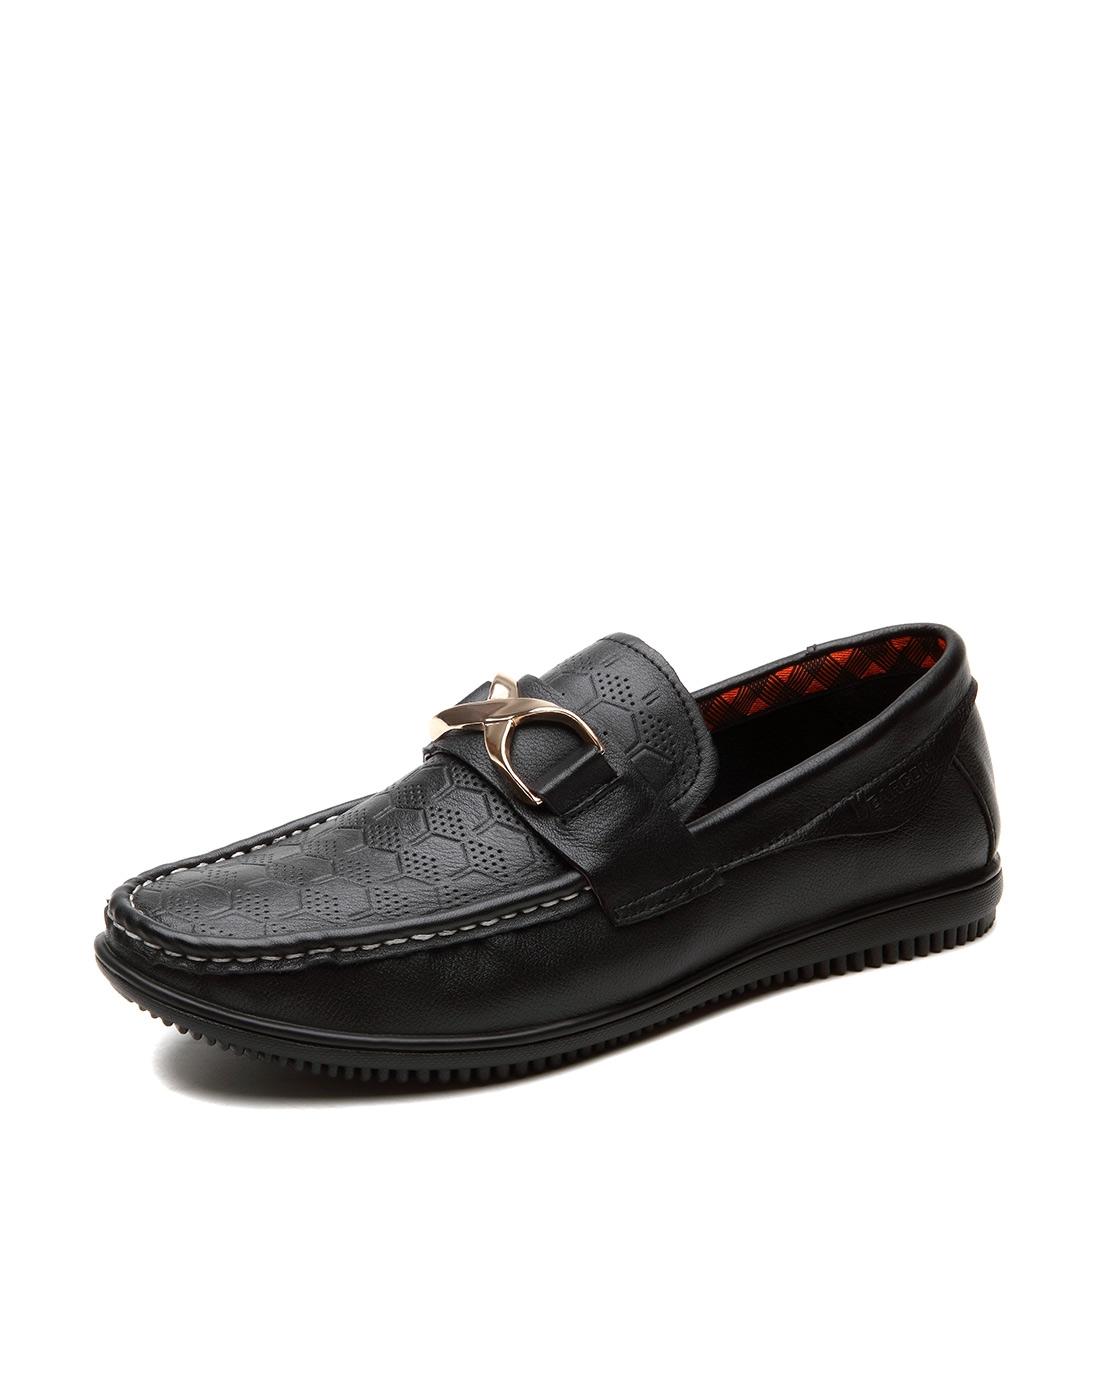 意尔康yearcon黑色牛皮时尚休闲单鞋31zr97298w-10